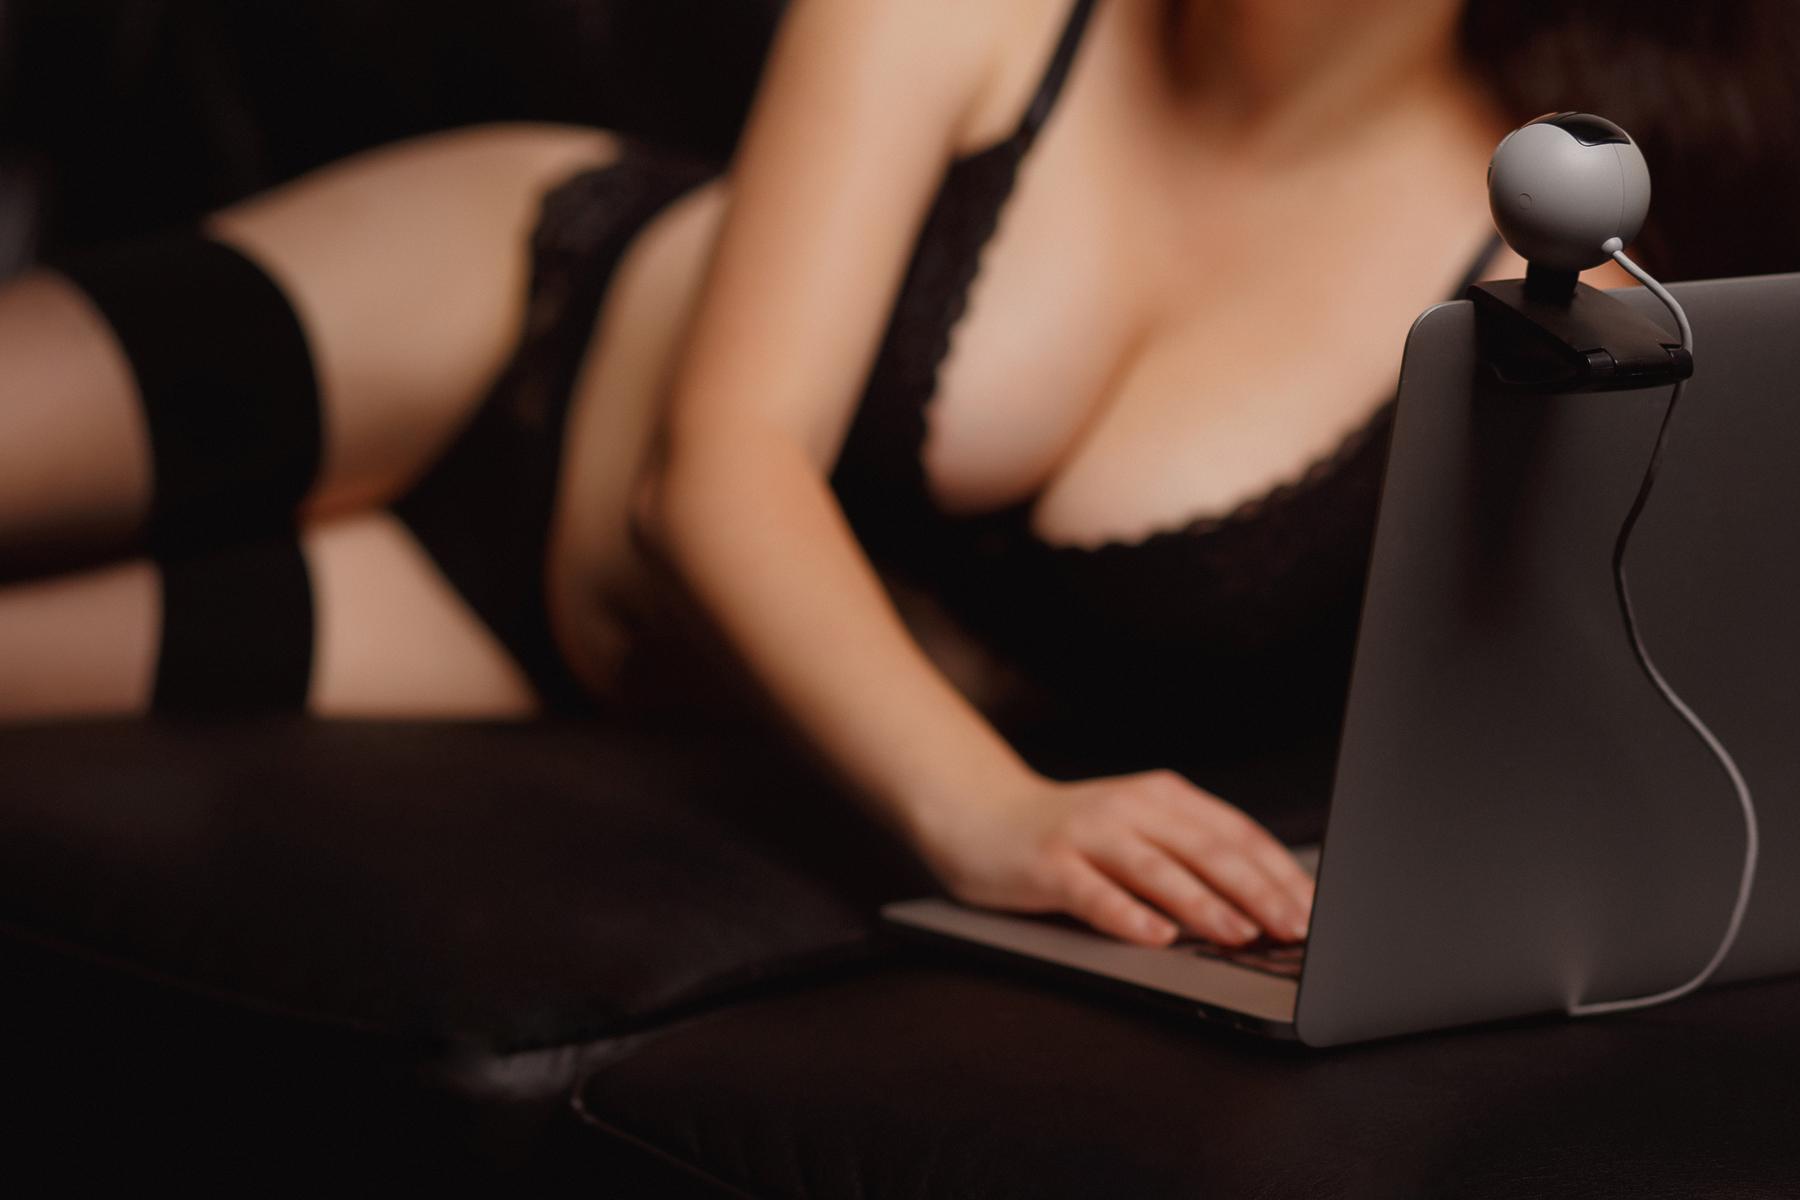 Первый раз обучение сексу онлайн